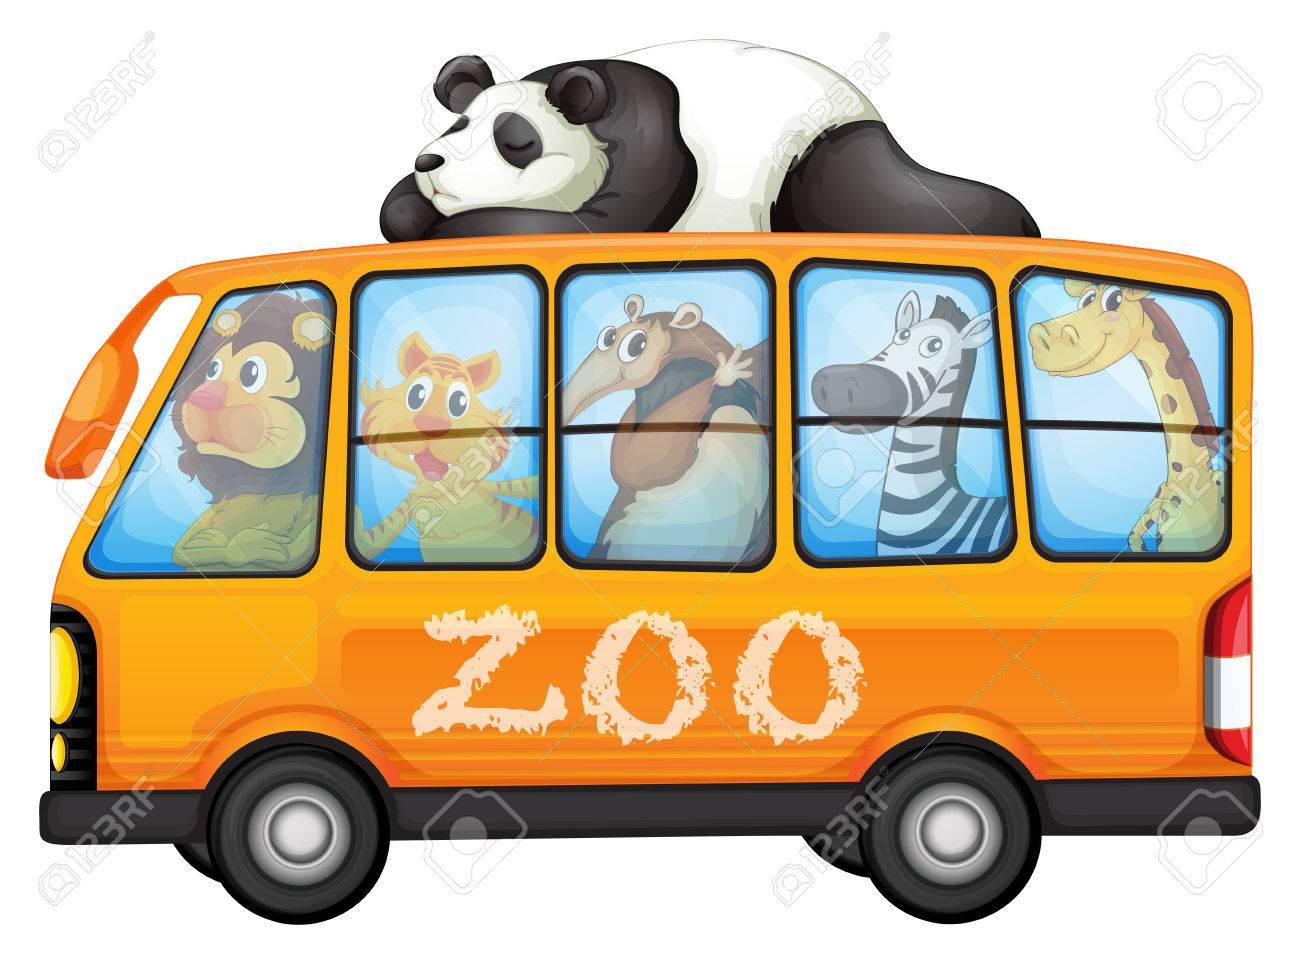 動物のバスのイラスト ロイヤリティフリークリップアート、ベクター